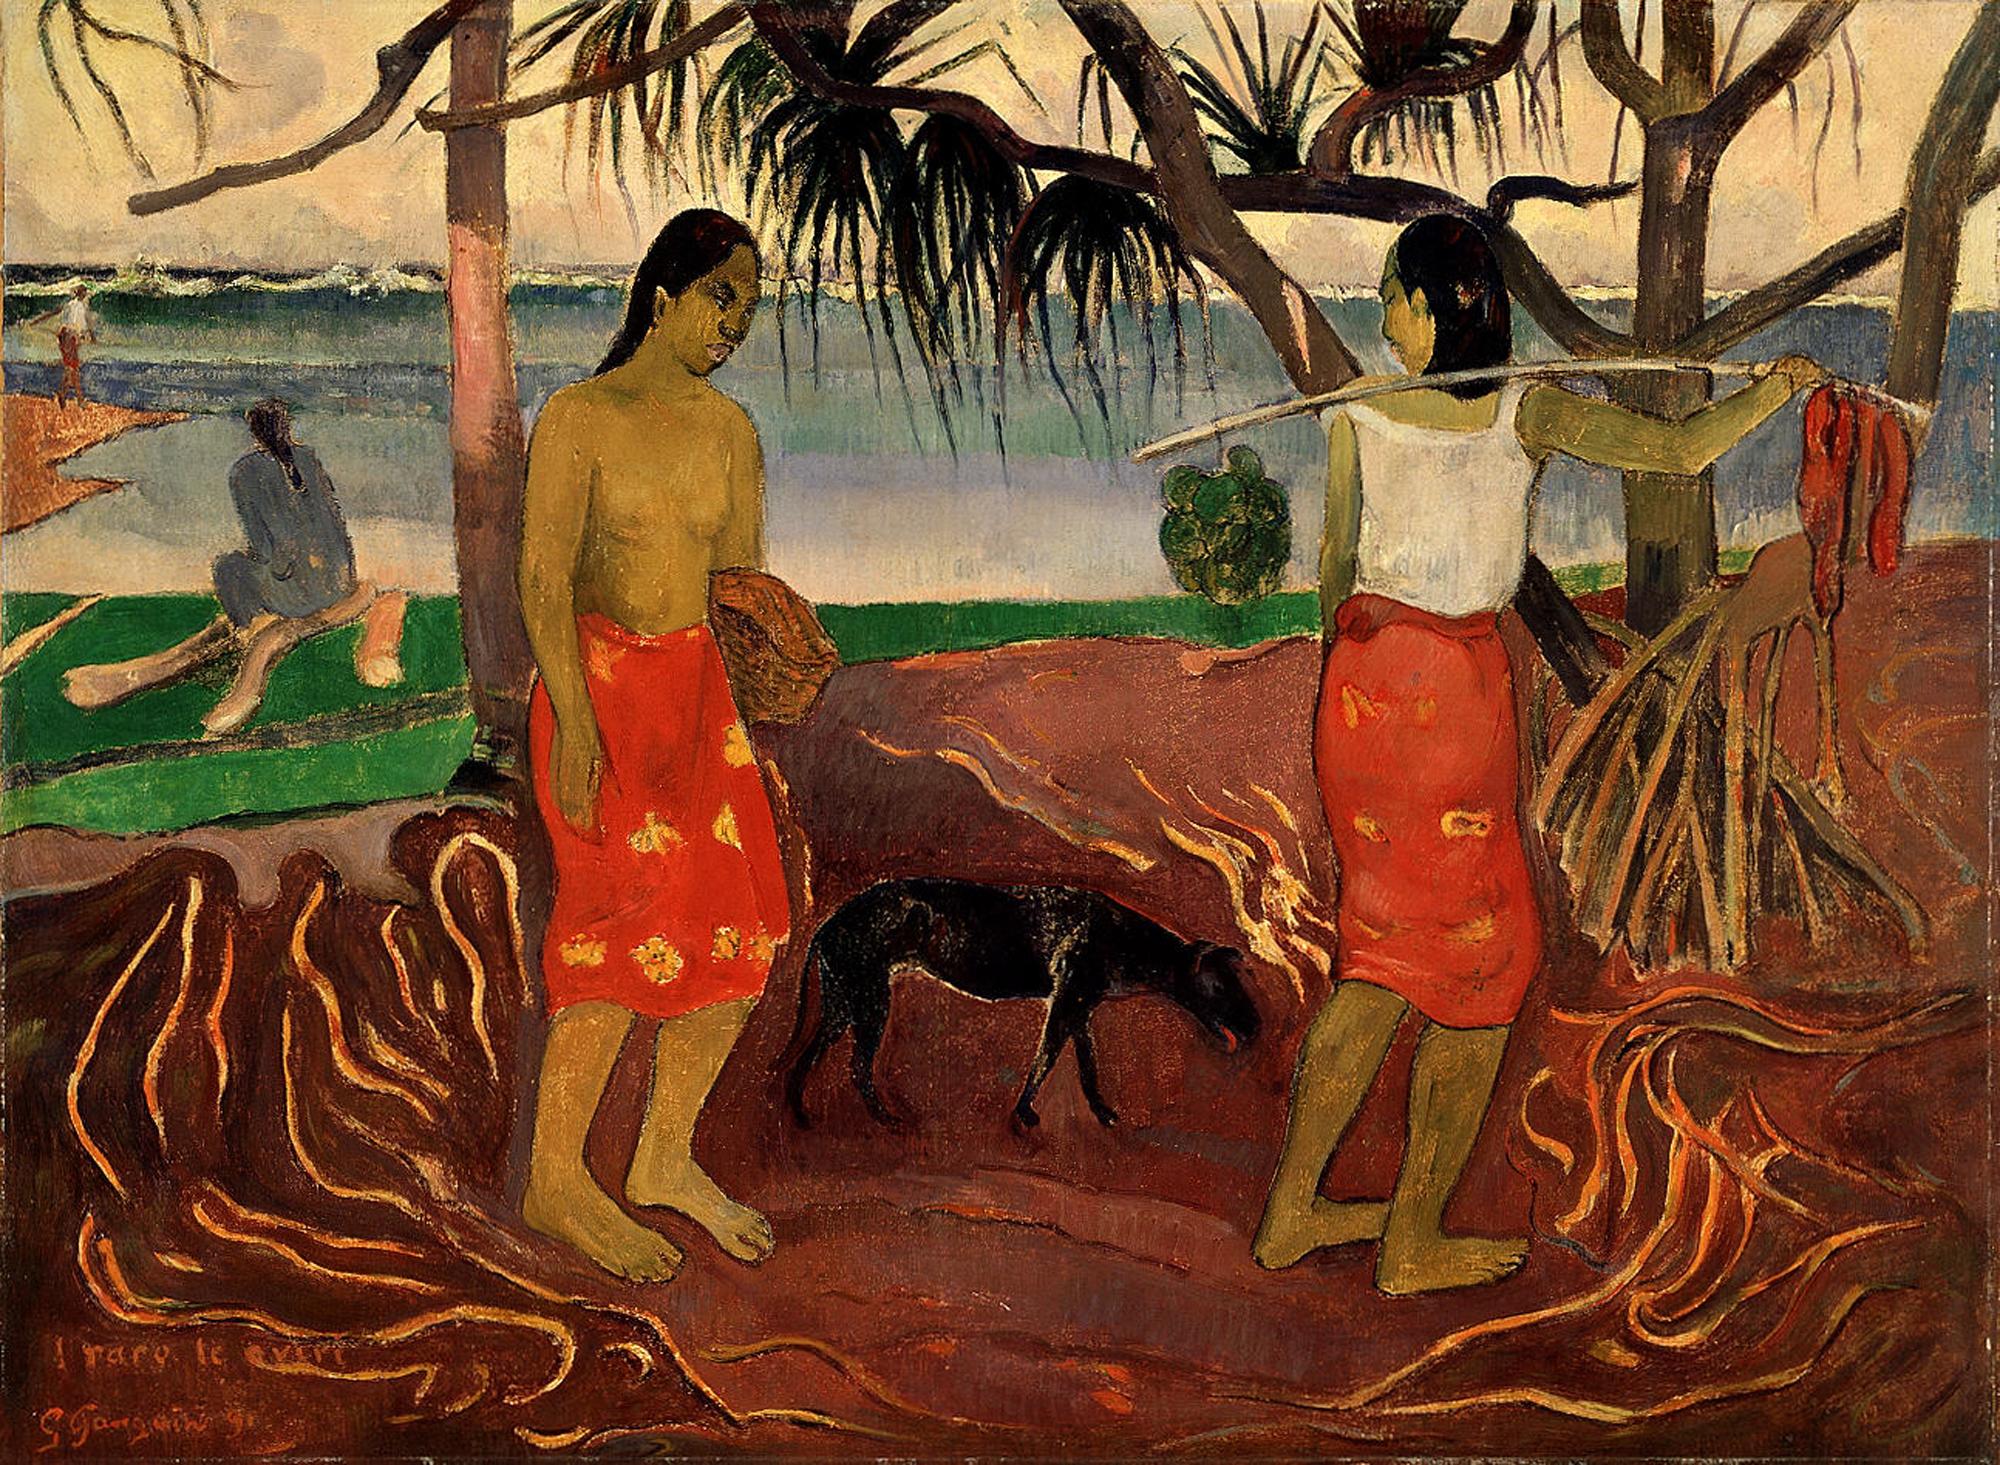 Gauguin Oviri File:I raro te Oviri -...